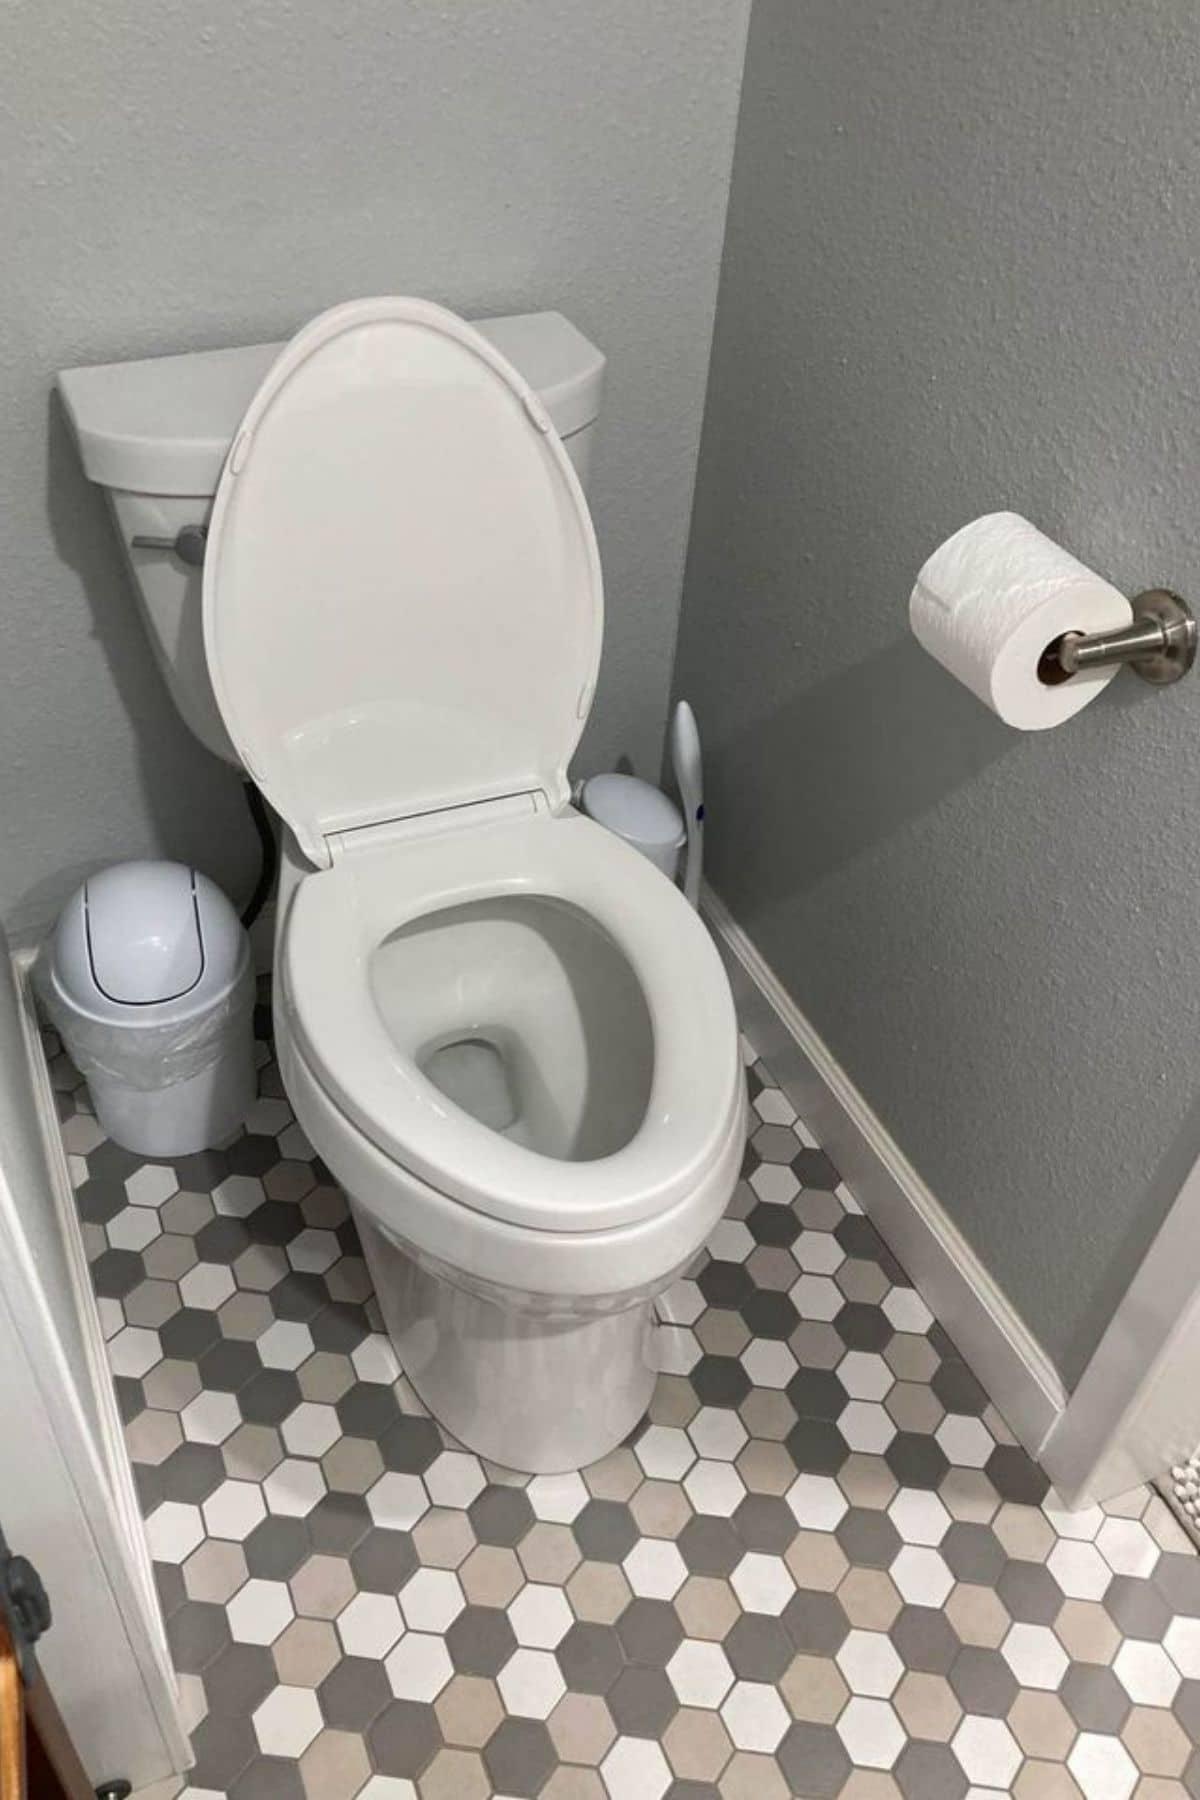 Gray and white round tile floor beneath flush toilet